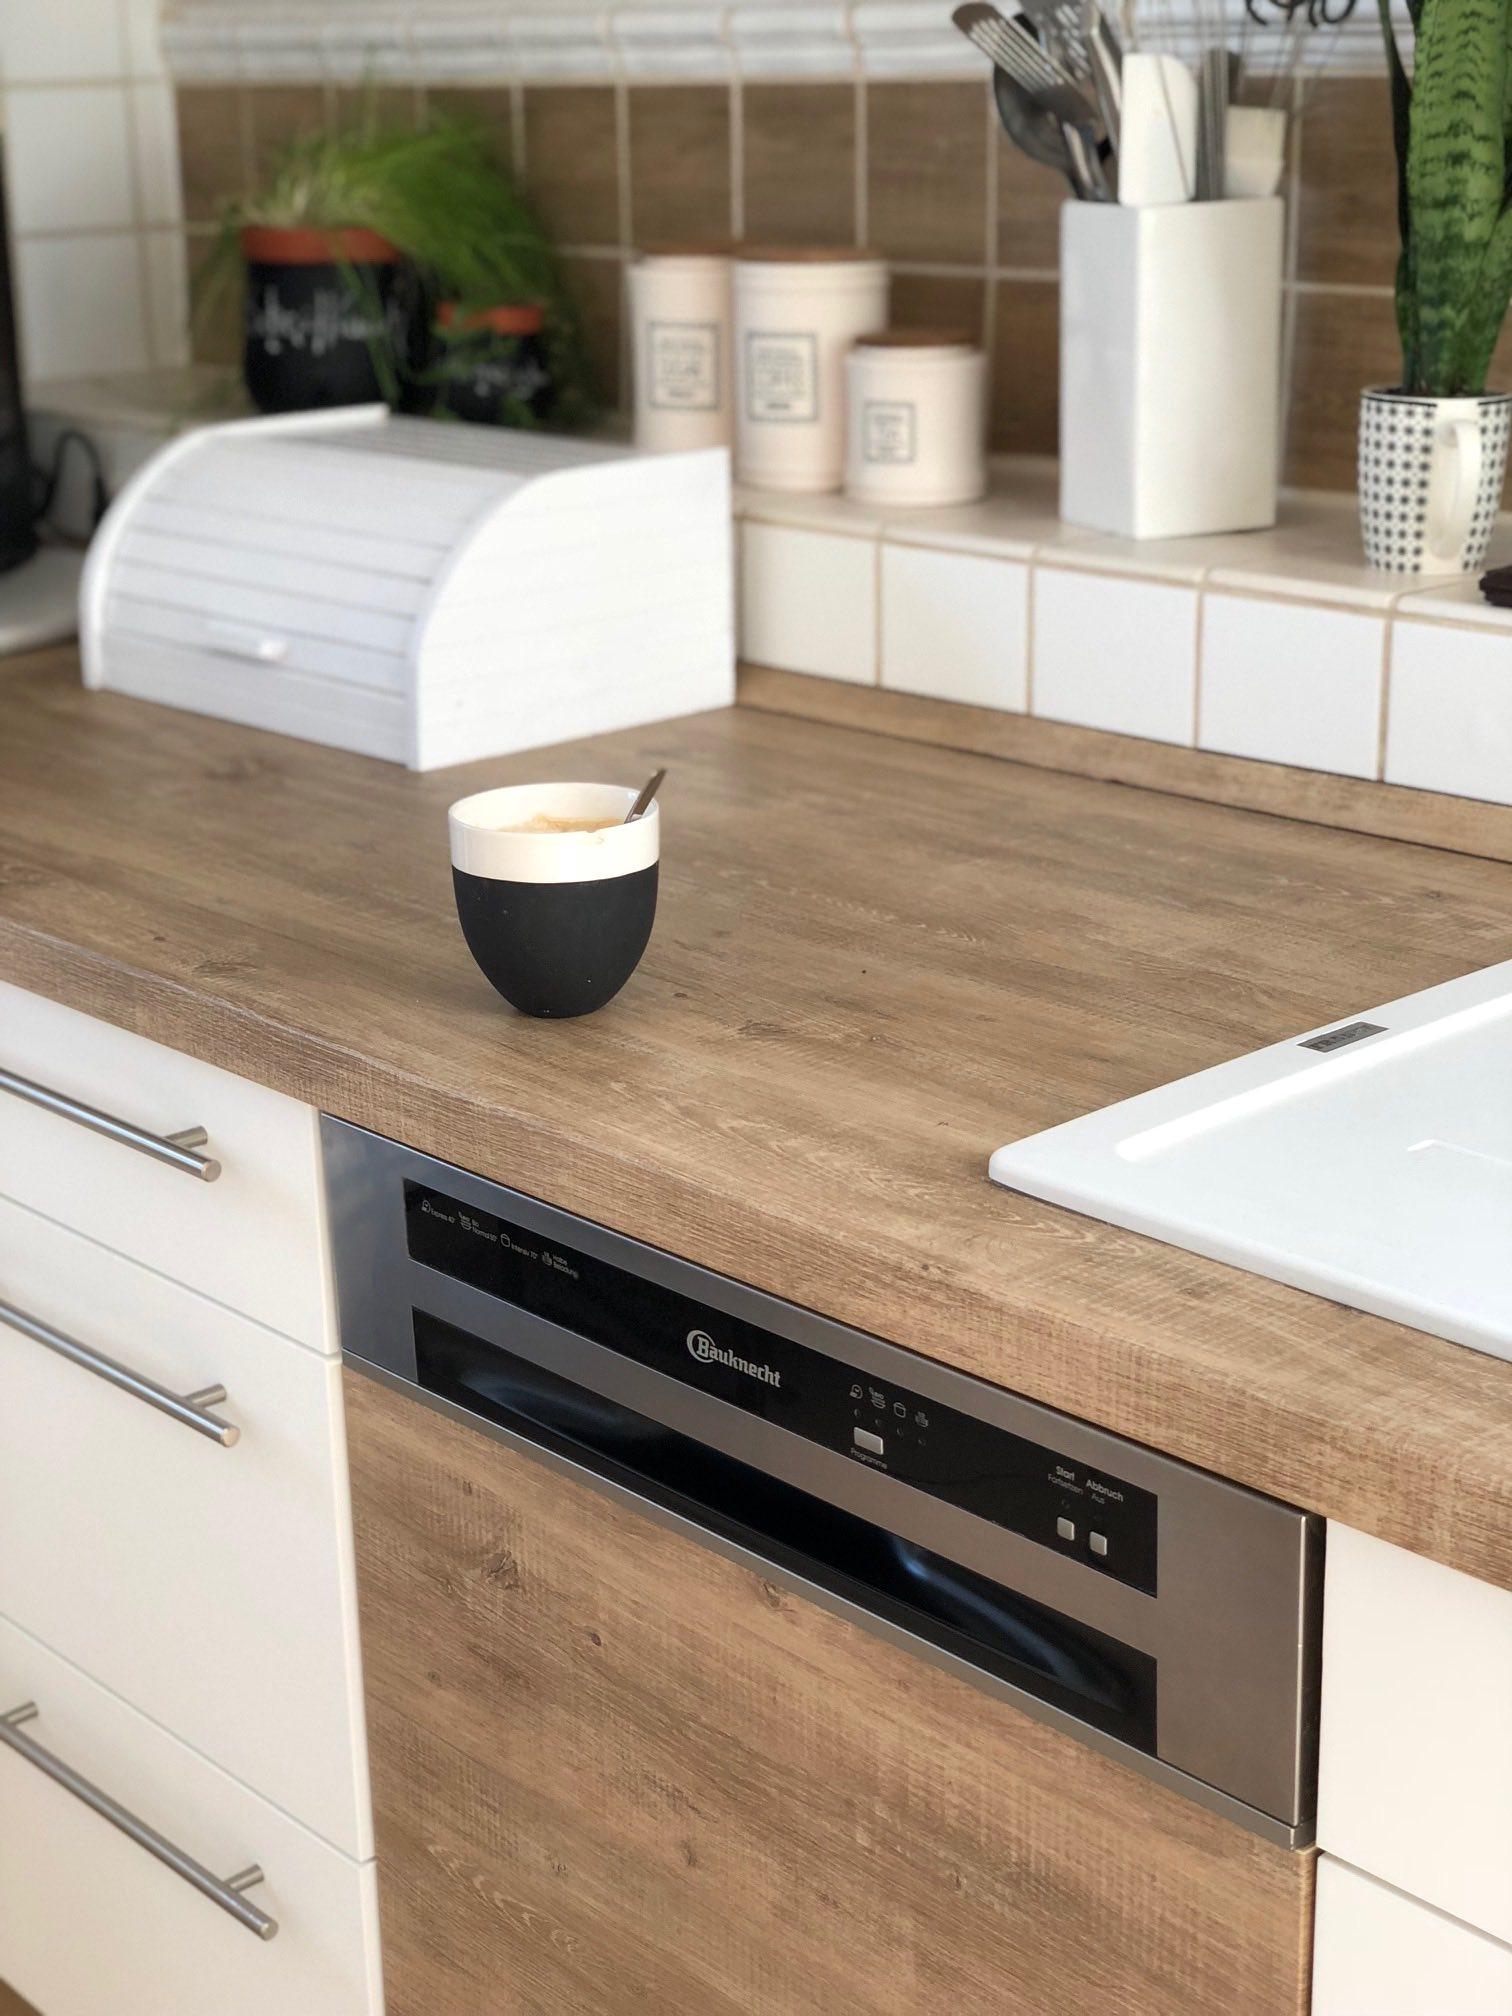 Full Size of Unschlagbares Kchen Make Over Mit Klebefolien Von Resimdo Industrie Küche Miniküche Kühlschrank Bodenbeläge Hängeschrank Glastüren Theke Aufbewahrung Küche Küche Erweitern